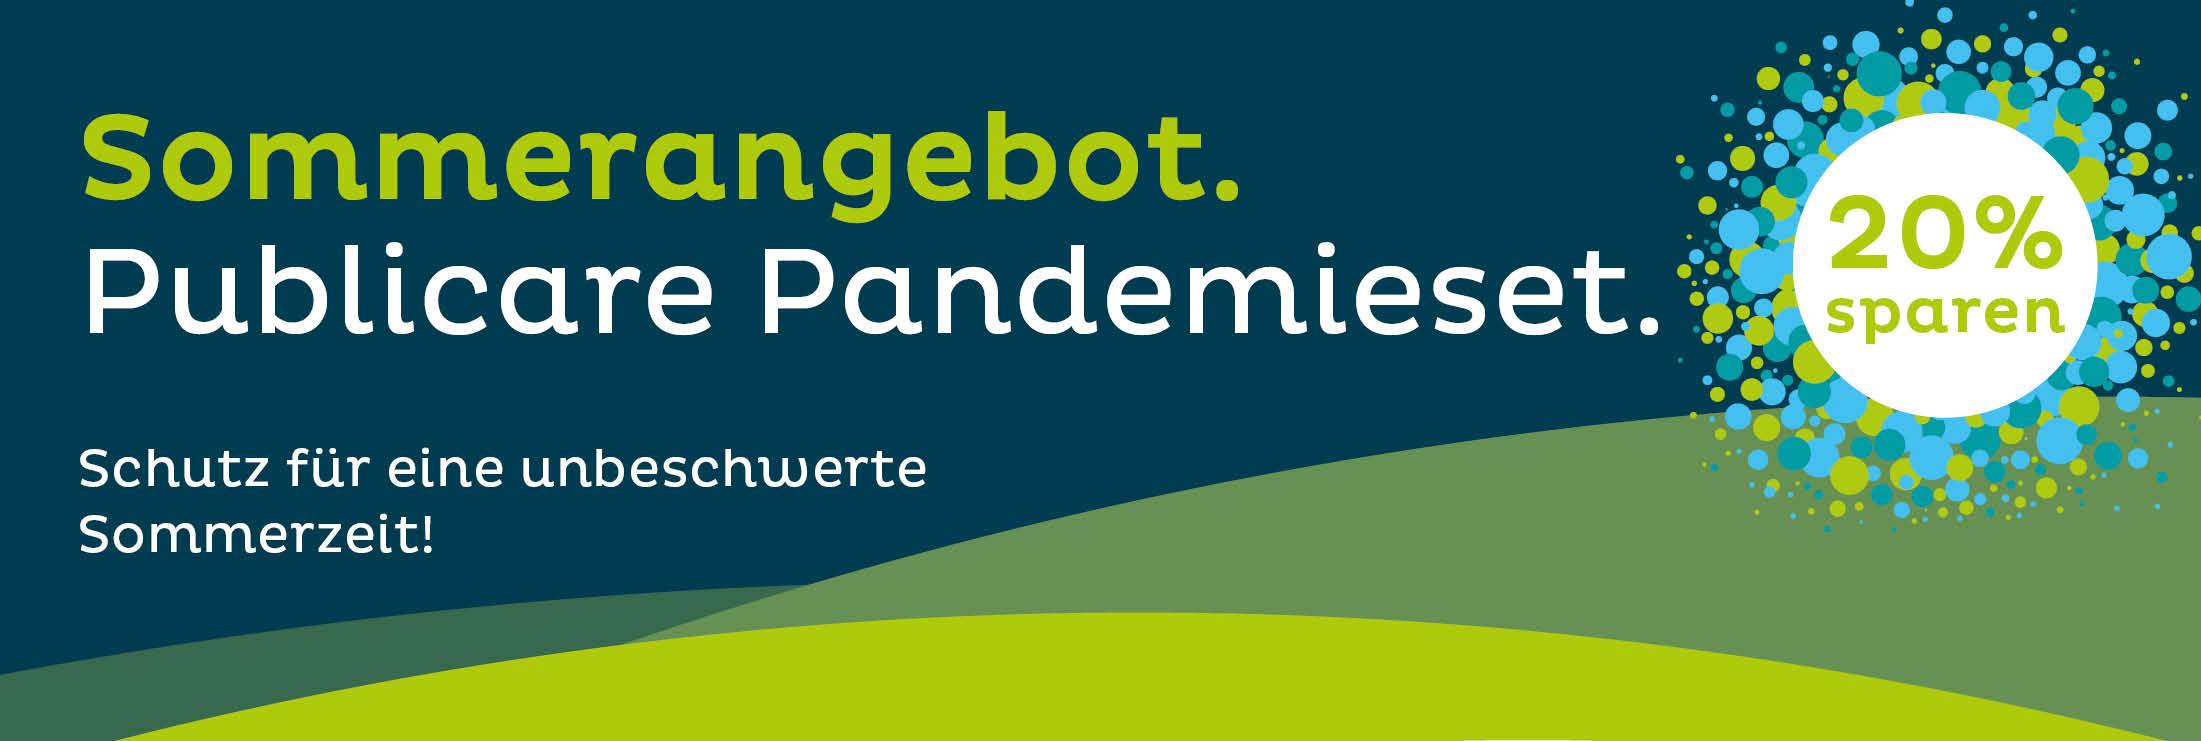 20% Rabatt auf das Pandemiesets